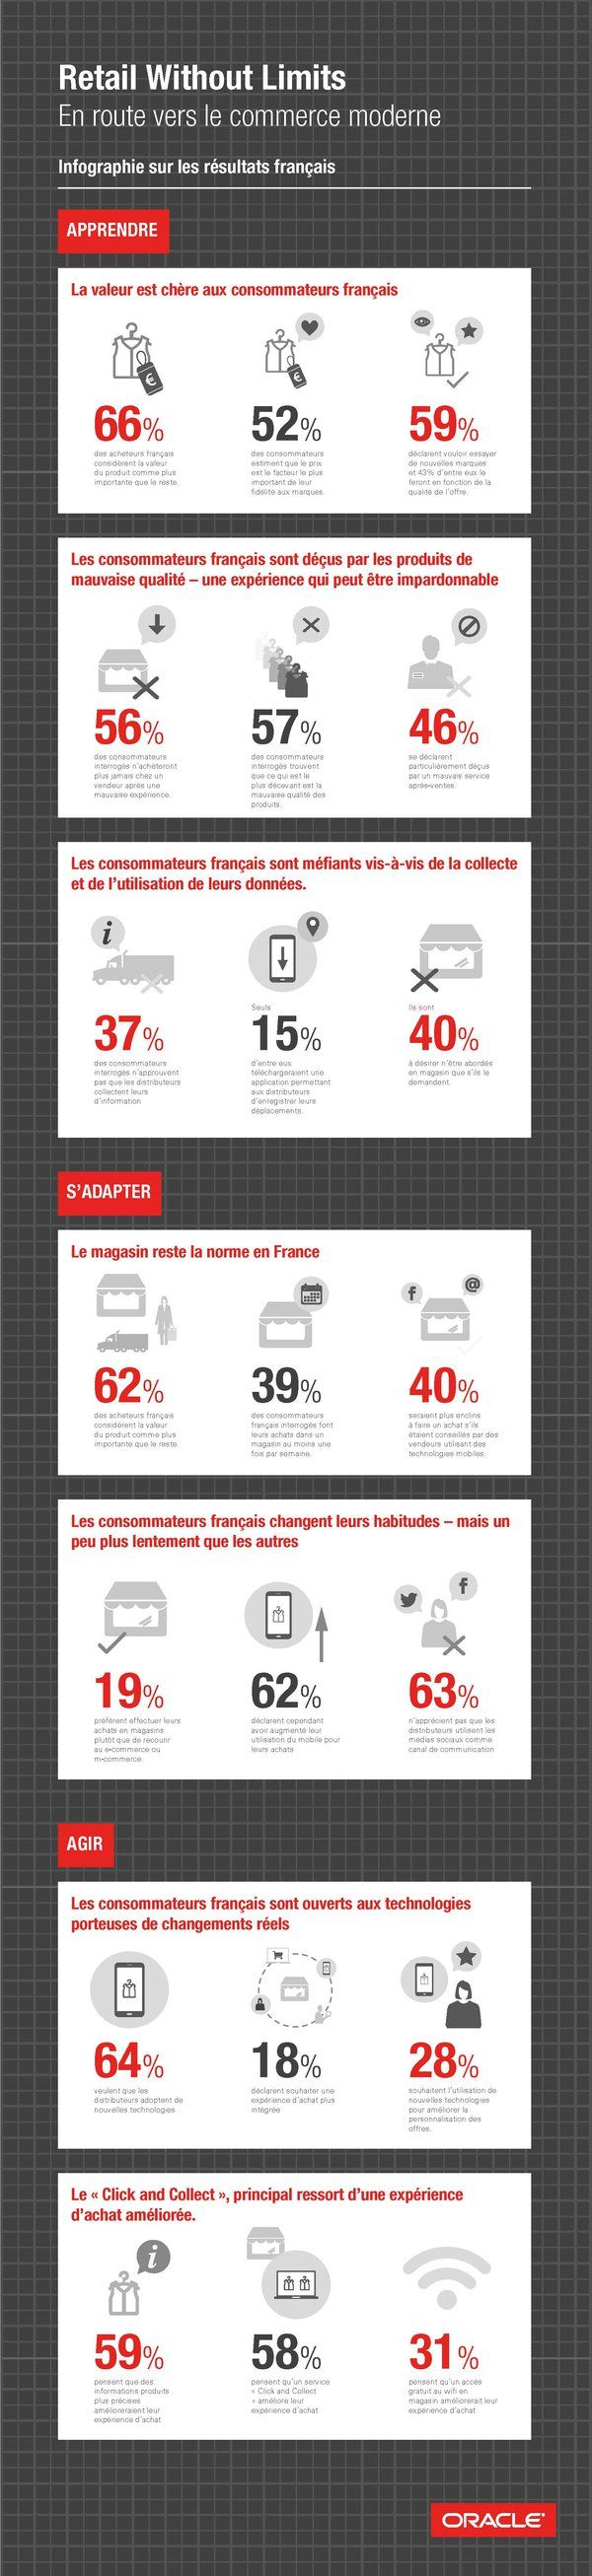 Infographie : comment évoluent les comportements d'achat des Français - JDN